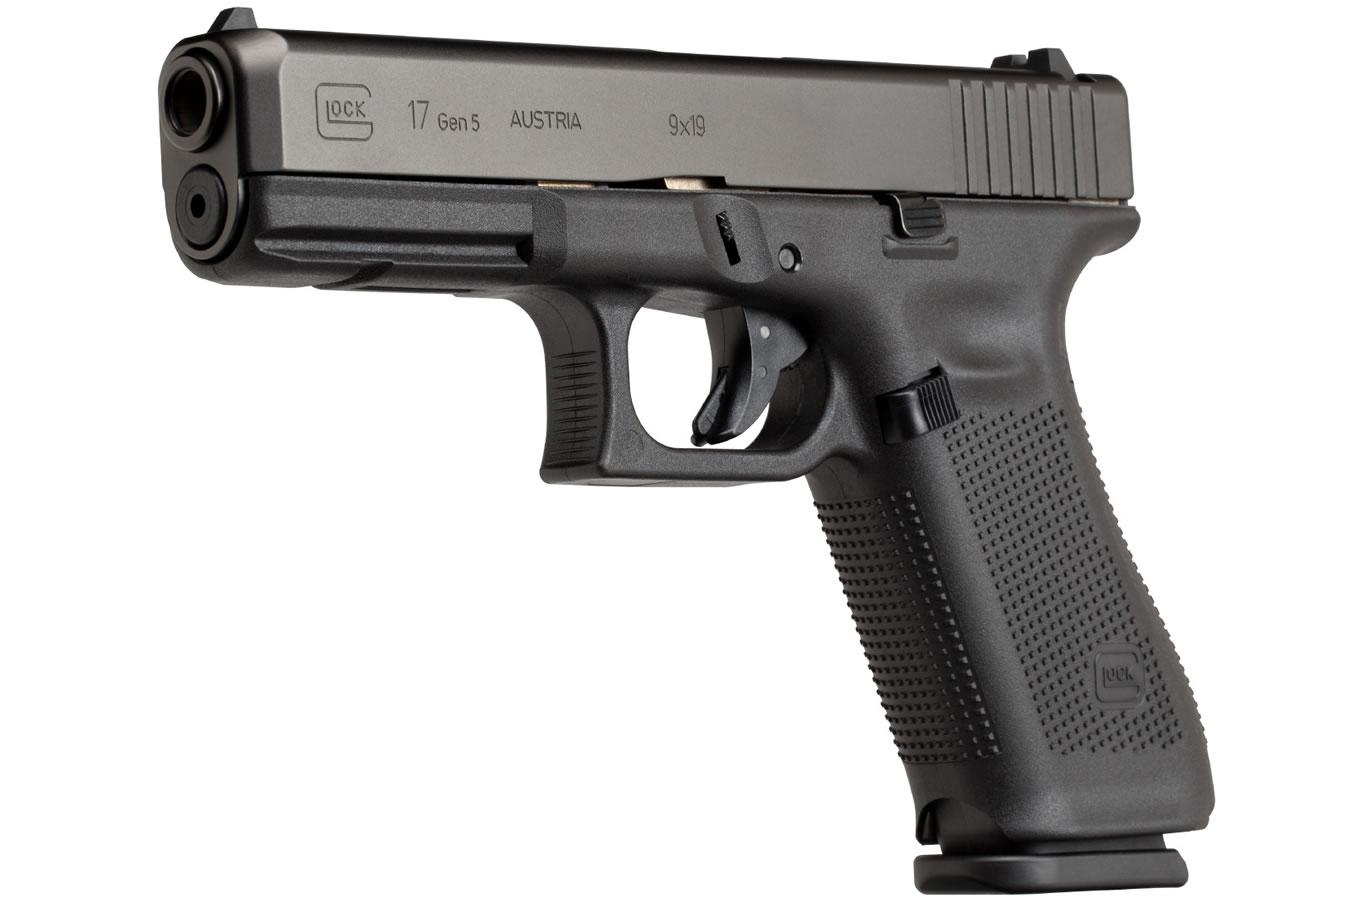 Glock 17 Gen 5 Image